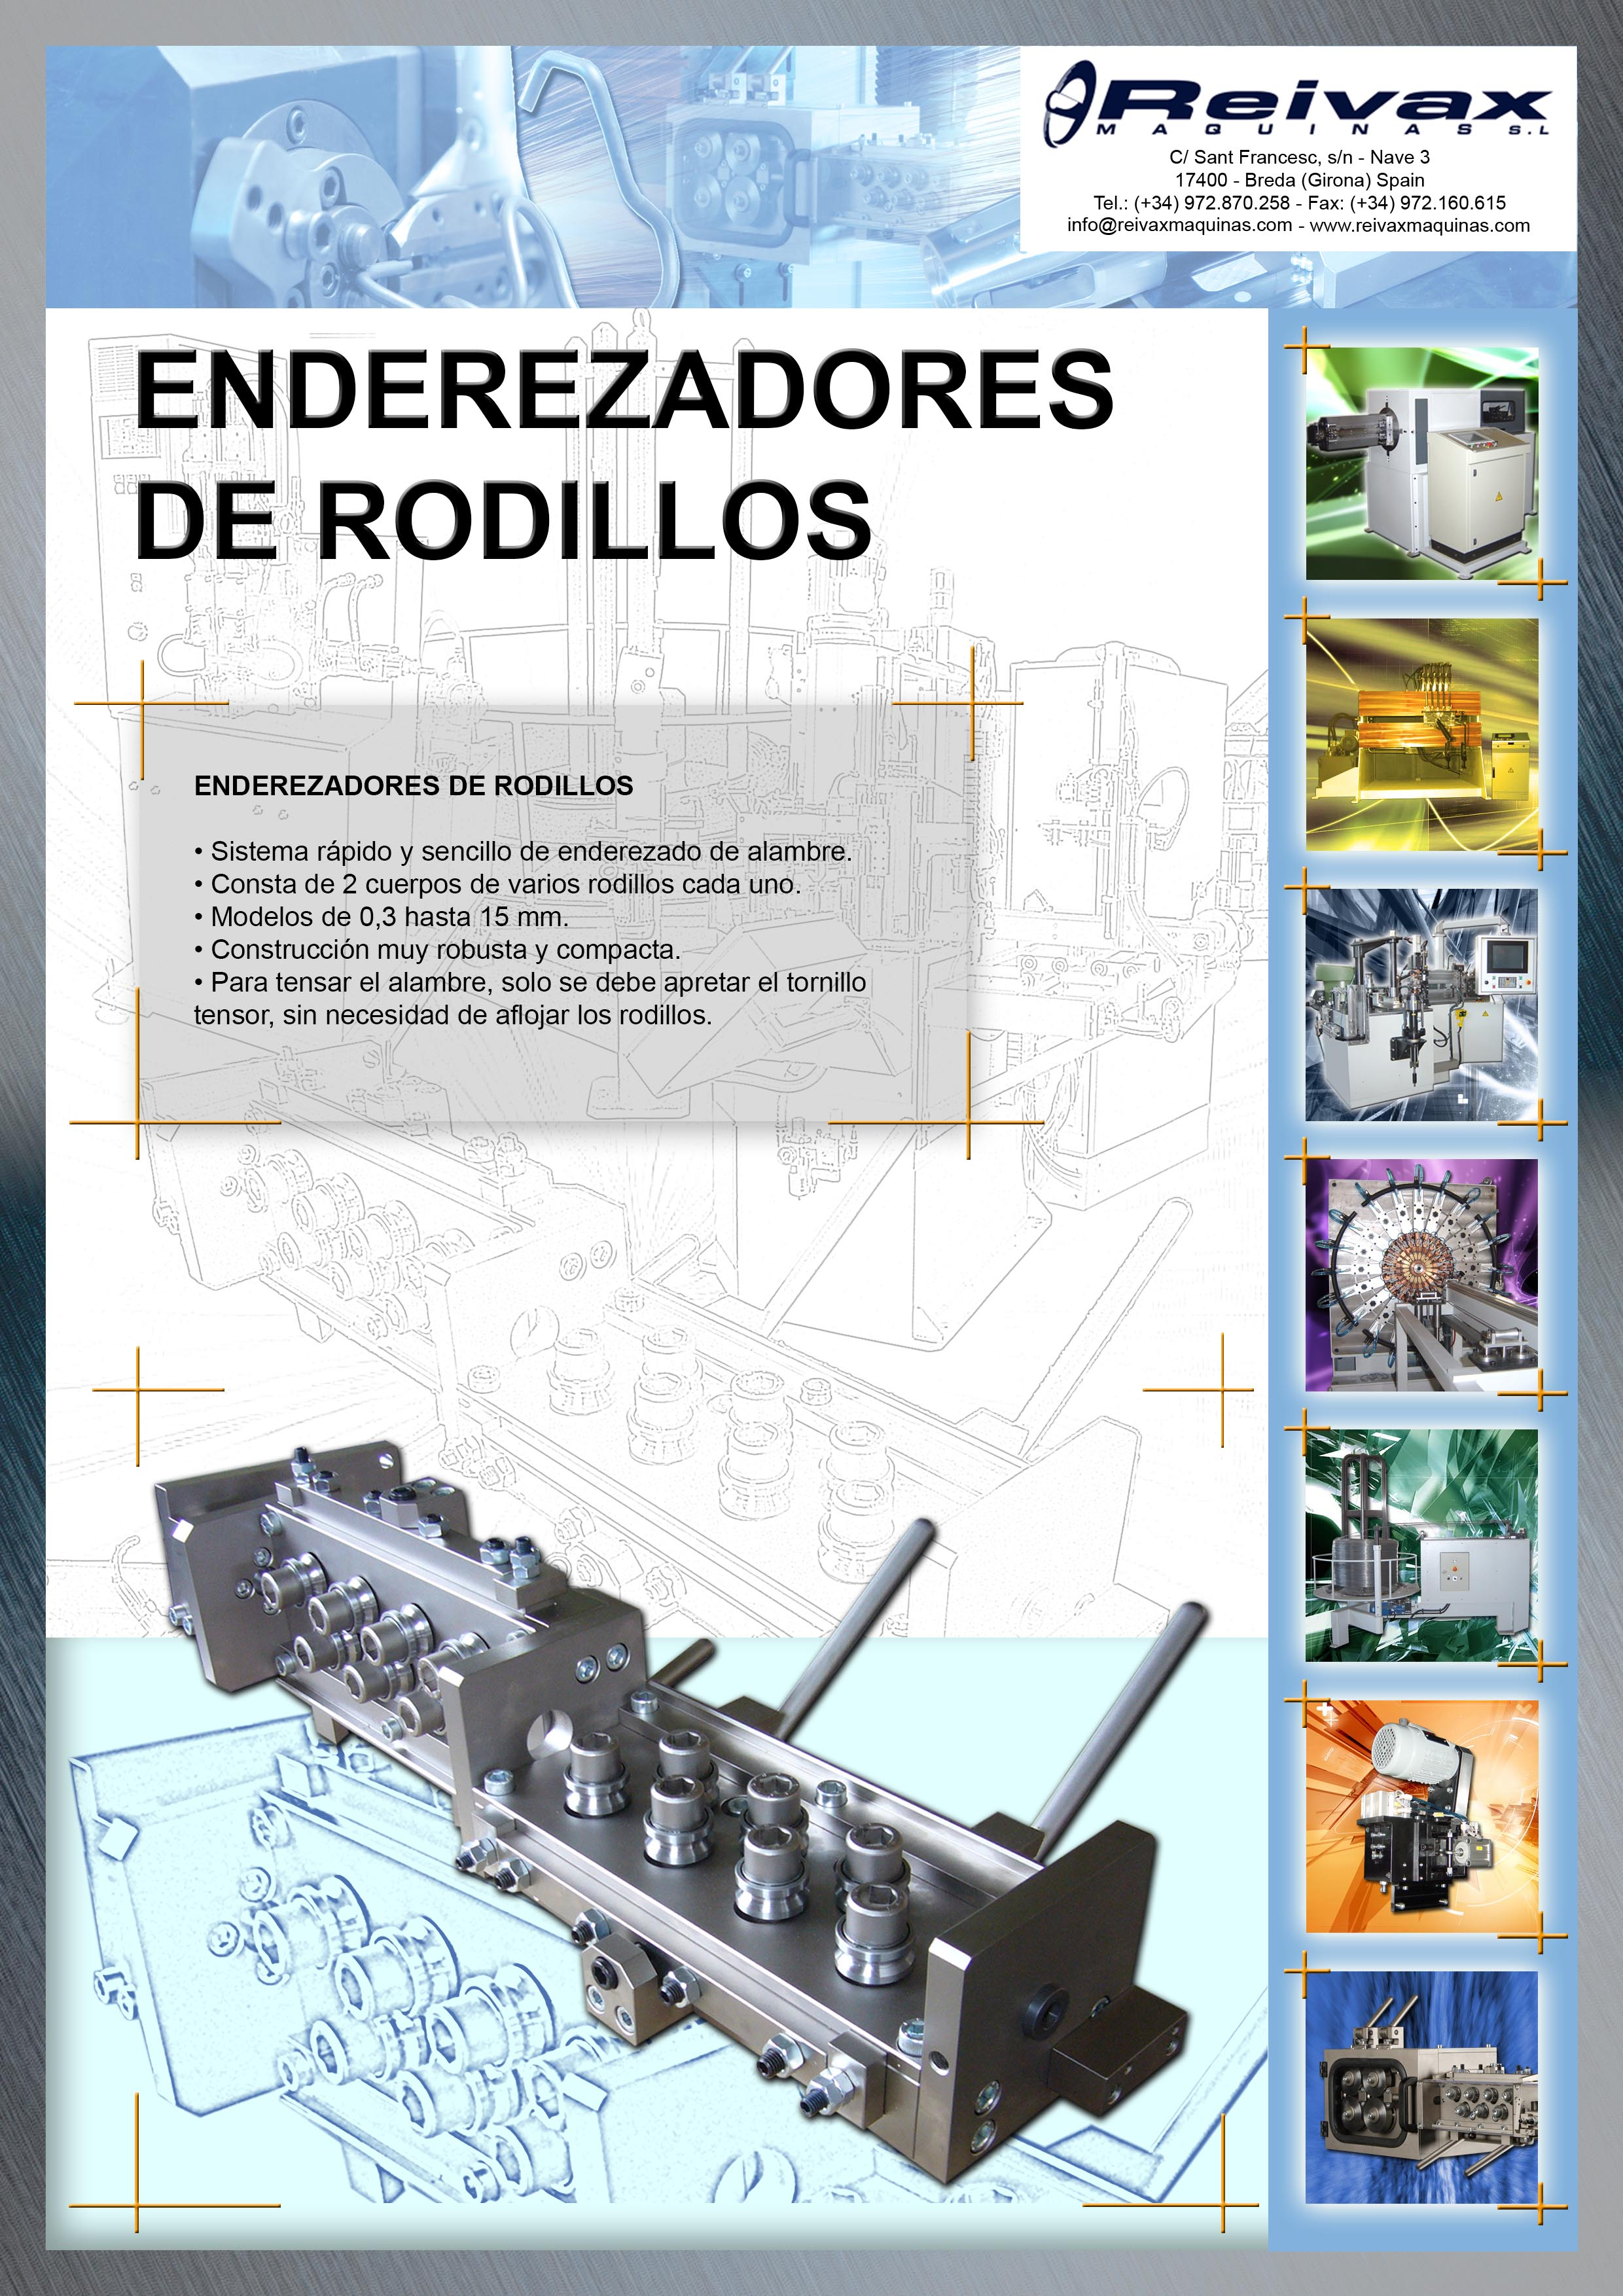 ReivaxMaquinas: Ficha ENDEREZADORES DE RODILLOS